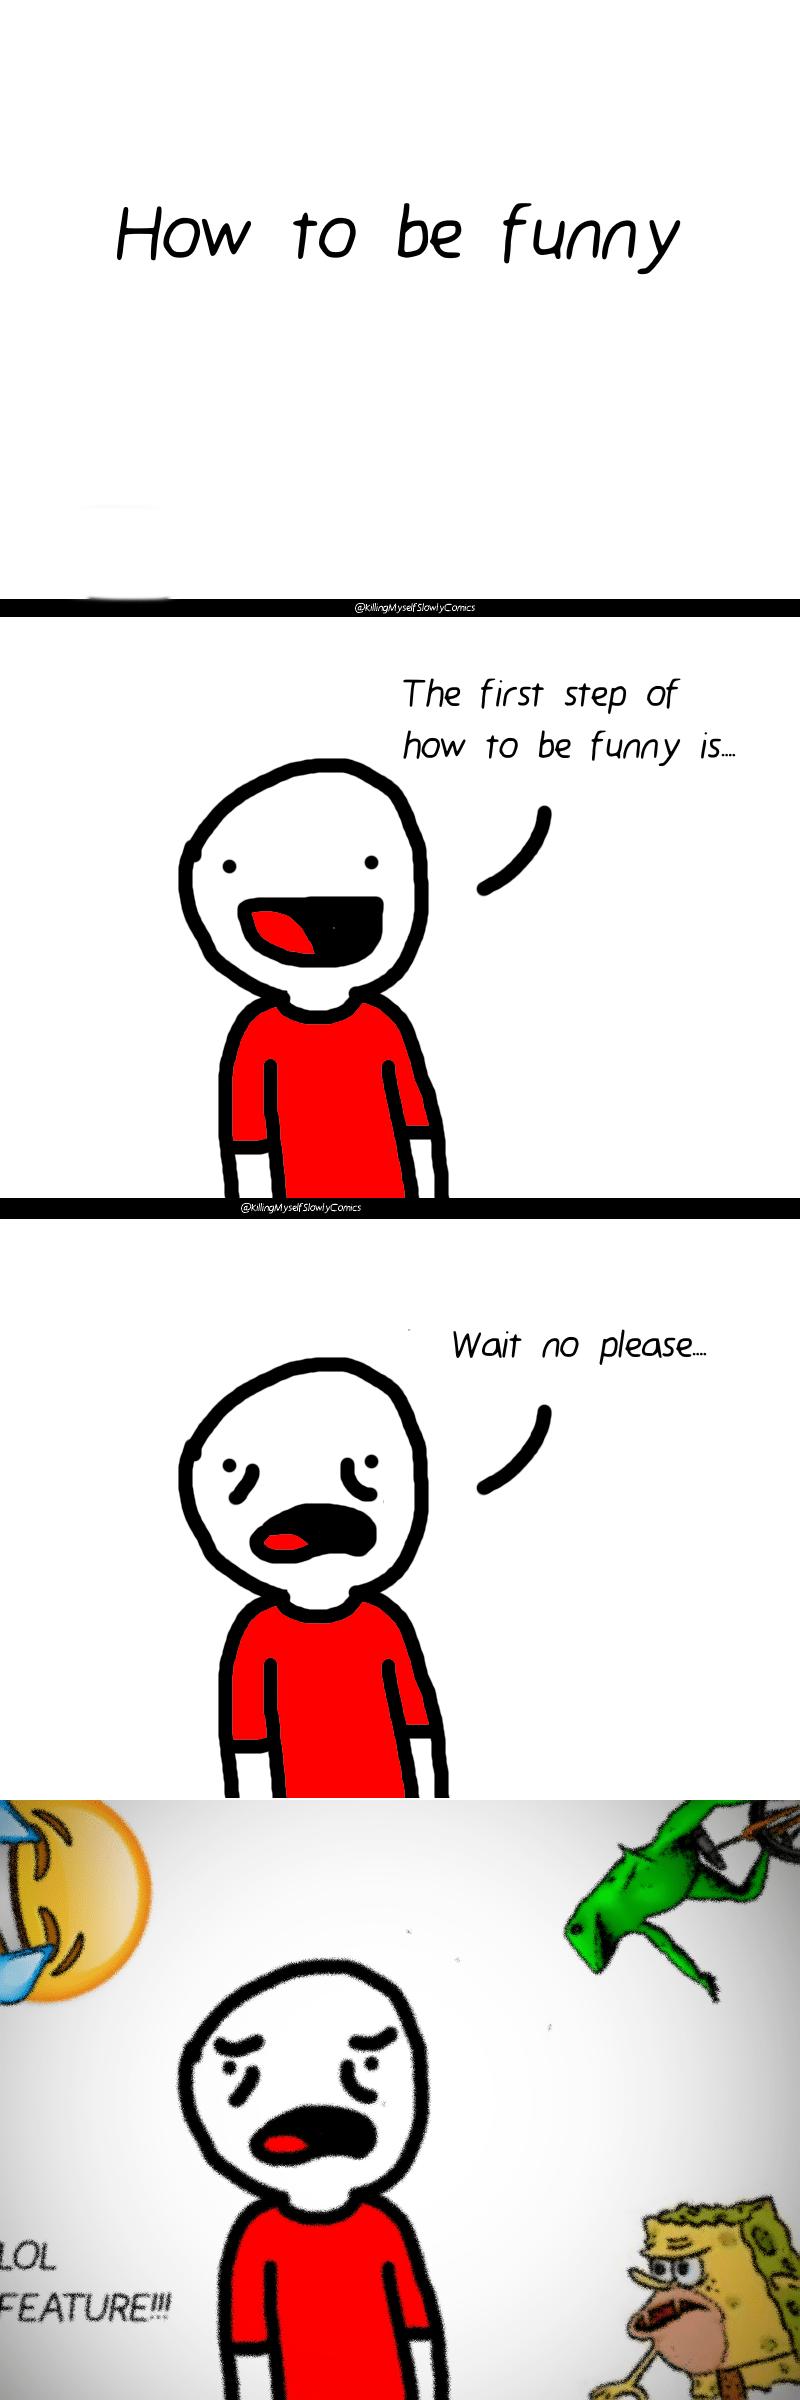 life Memes funny web comics - 8801684992